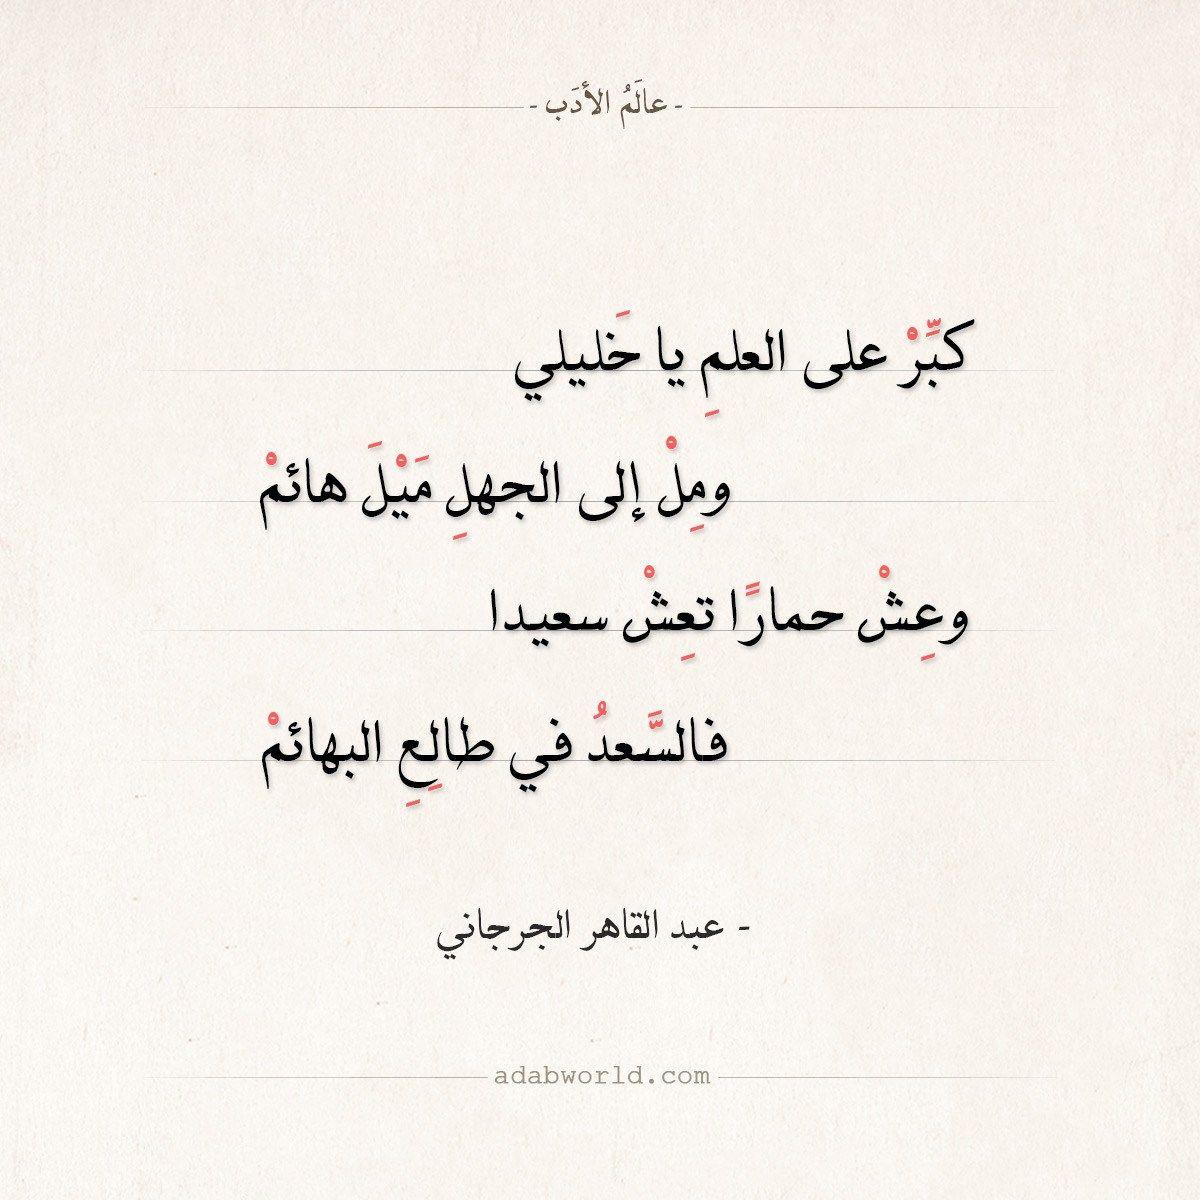 شعر عبد القاهر الجرجاني فالسعد في طالع البهائم عالم الأدب Arabic Poetry Poetry Math